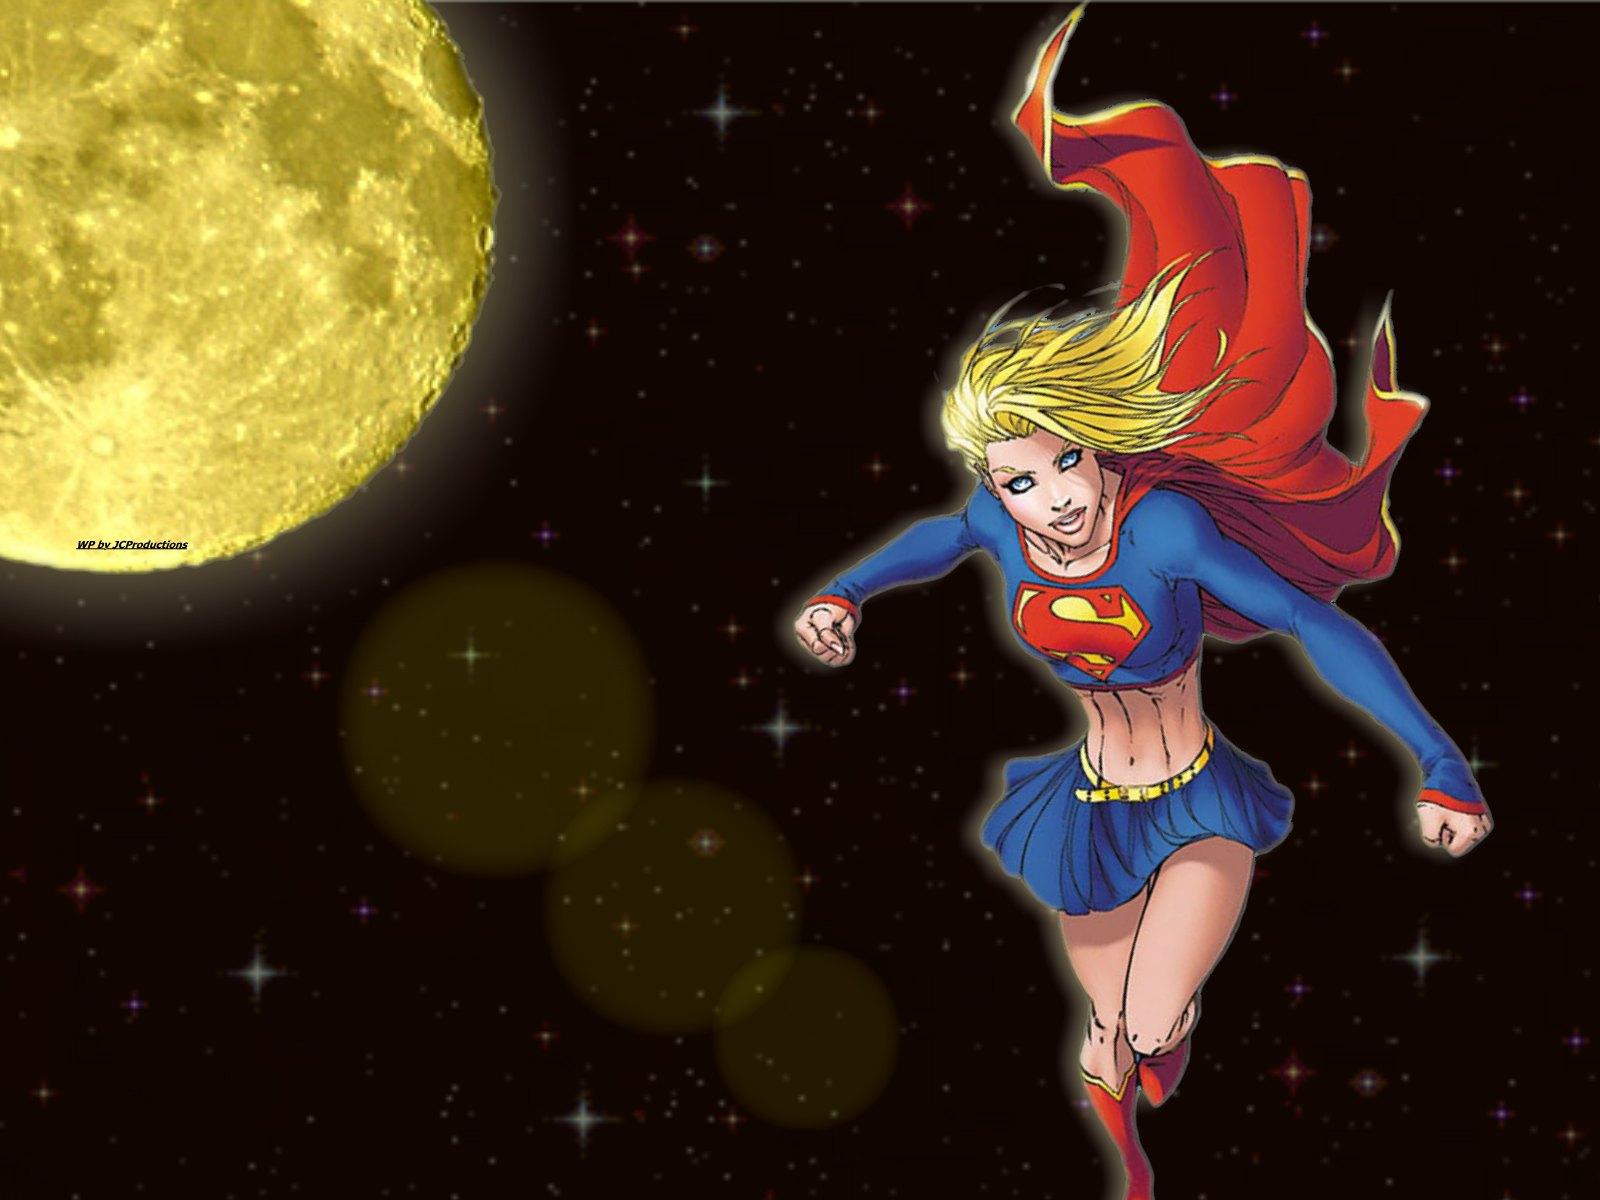 Supergirl   DC Comics Wallpaper 27009563 1600x1200